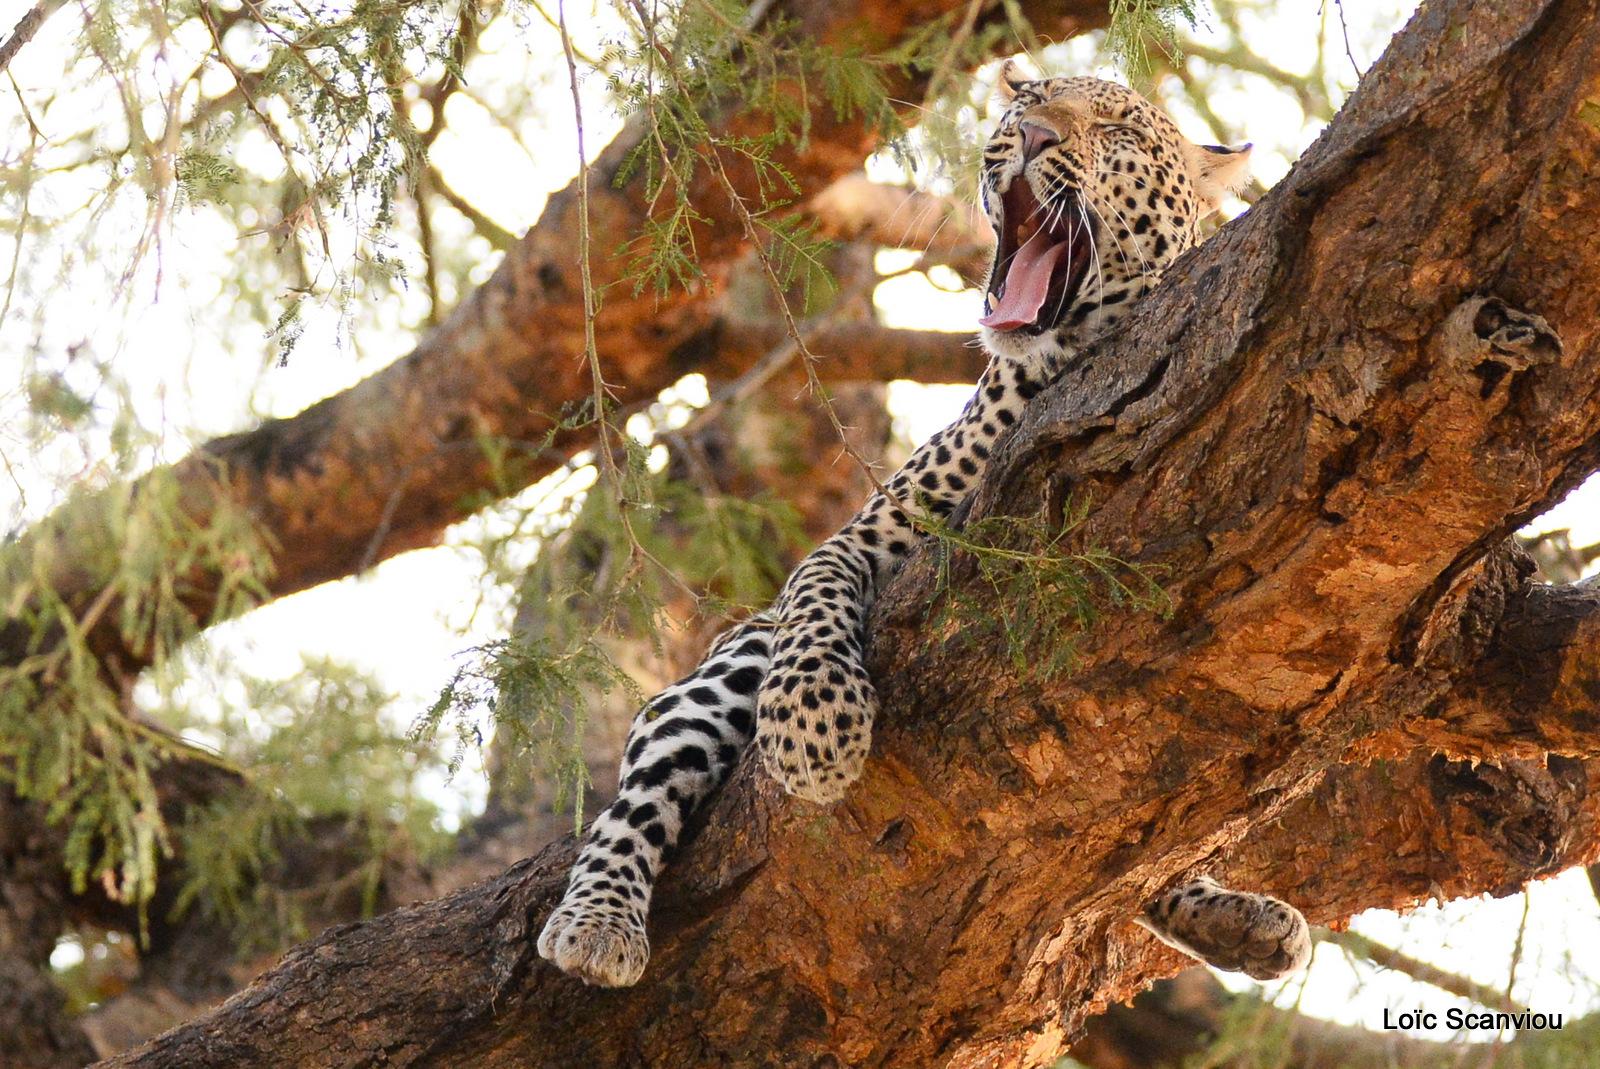 Léopard dans un arbre/Leopard on a tree (7)